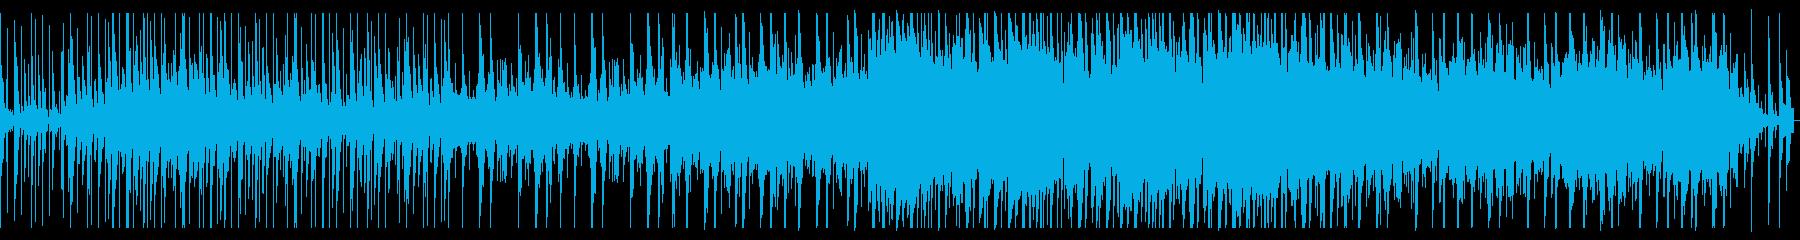 ローファイ ヒップホップ 情緒的の再生済みの波形